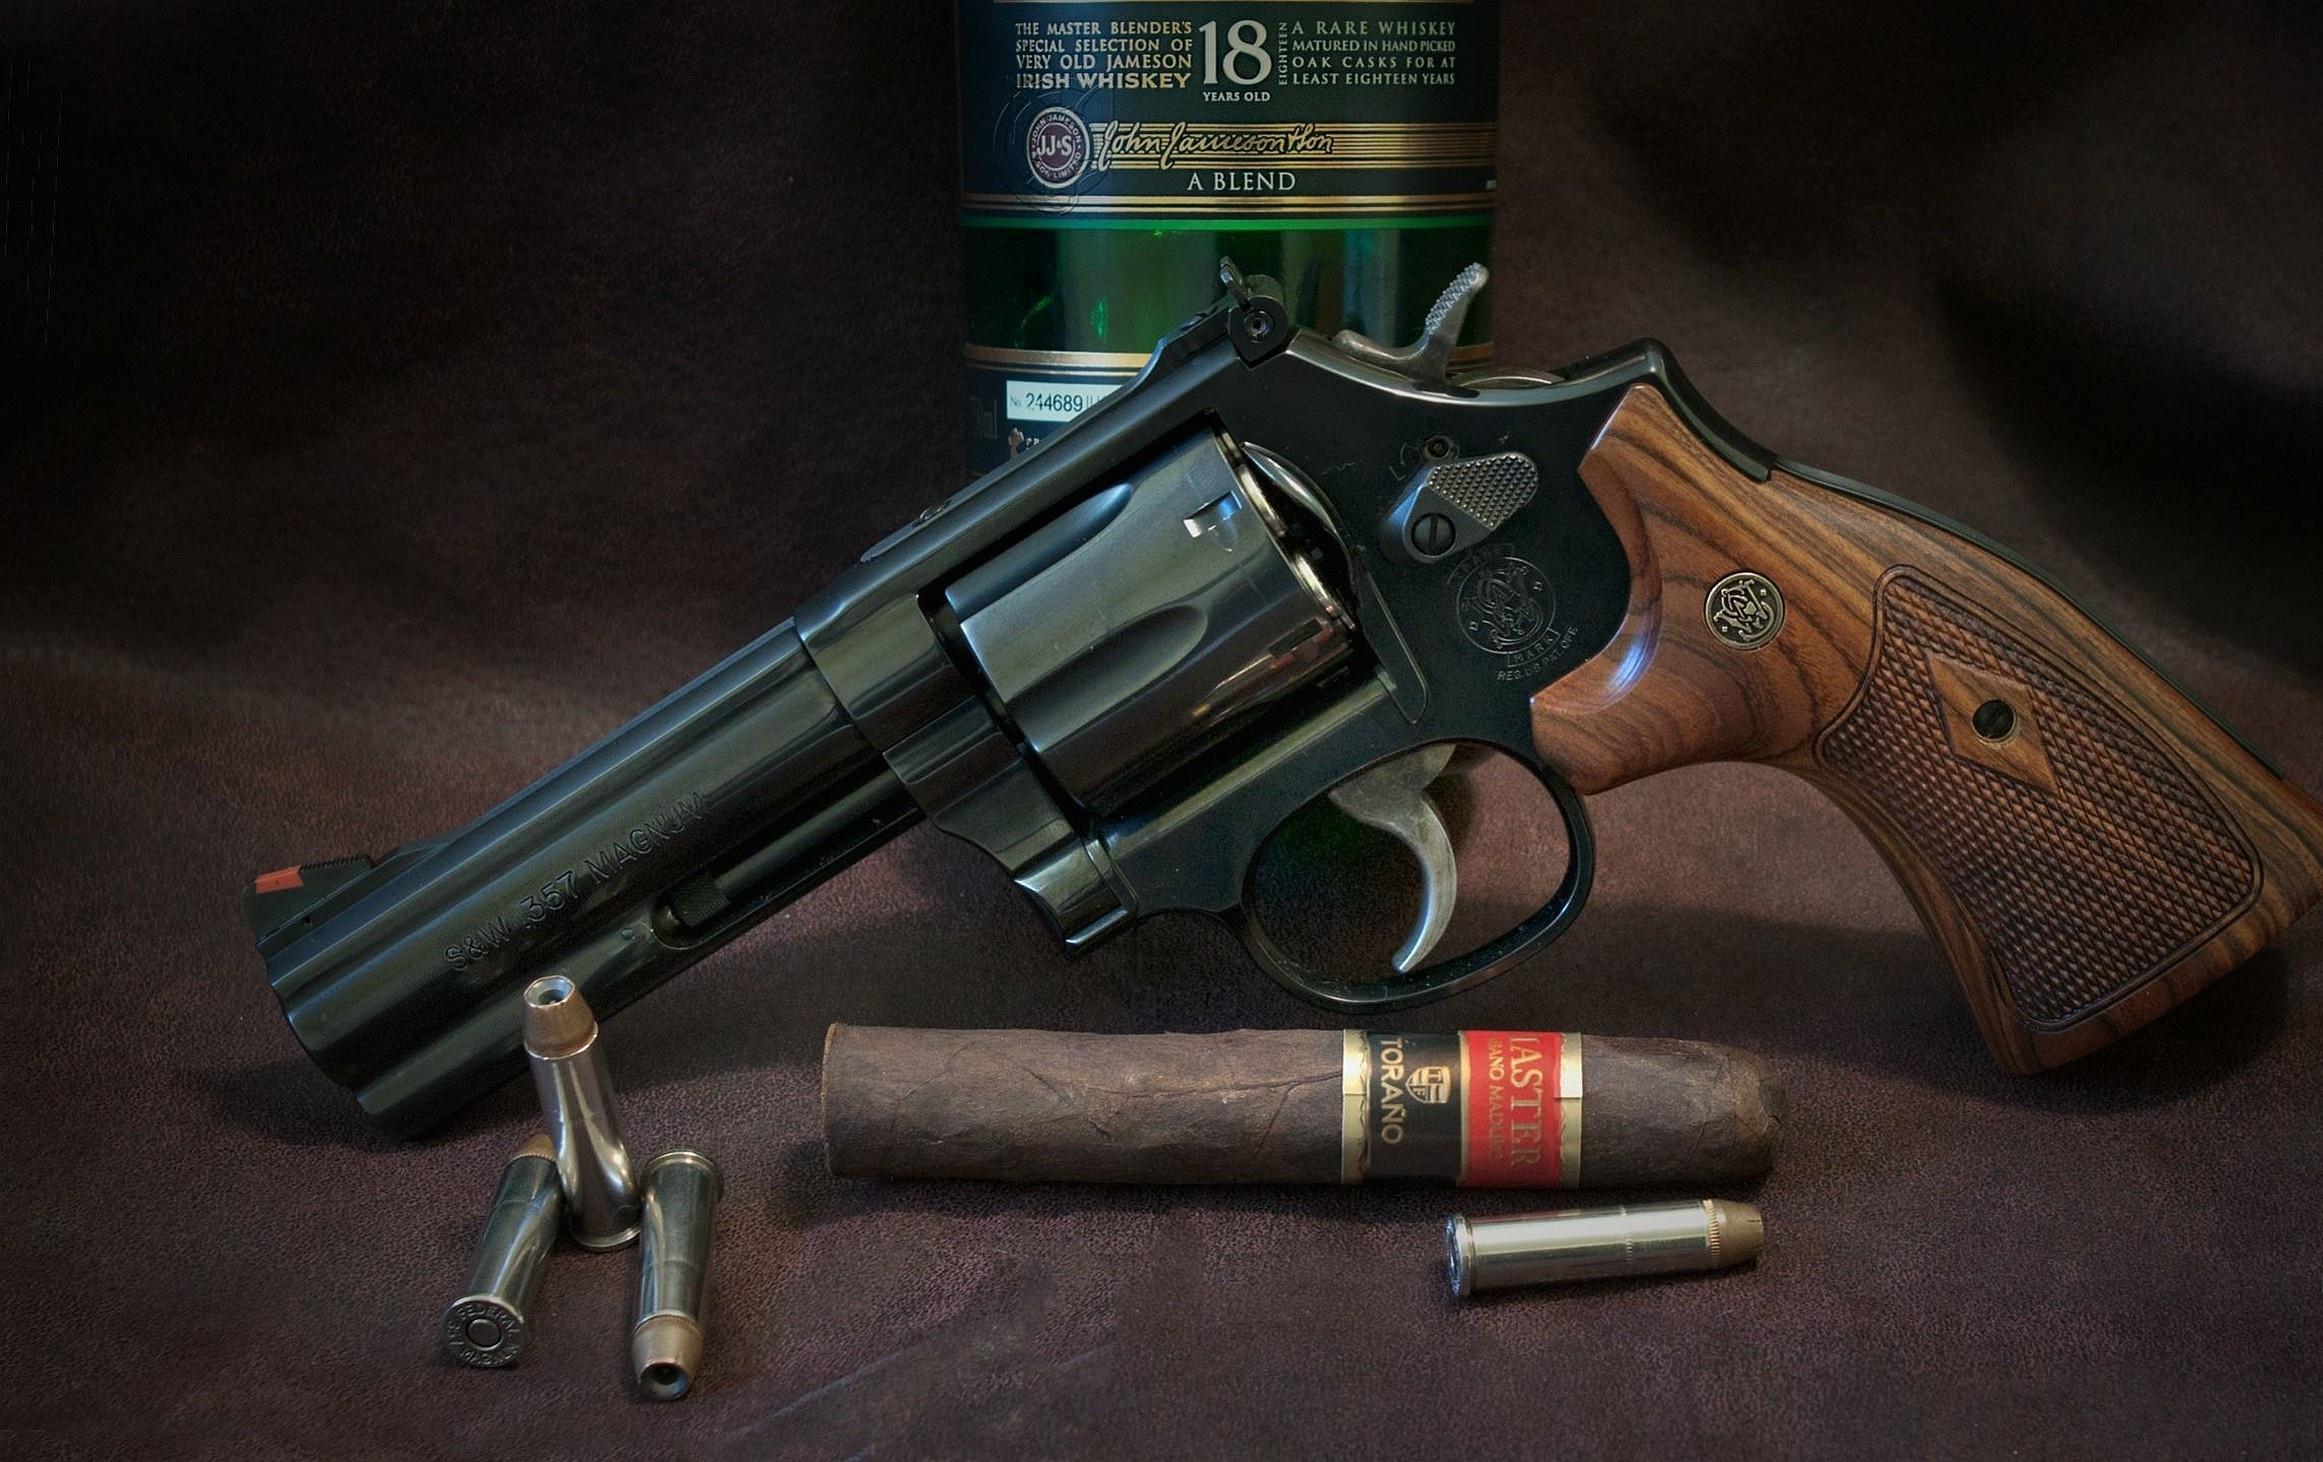 обои оружие для рабочего стола  № 558001 загрузить